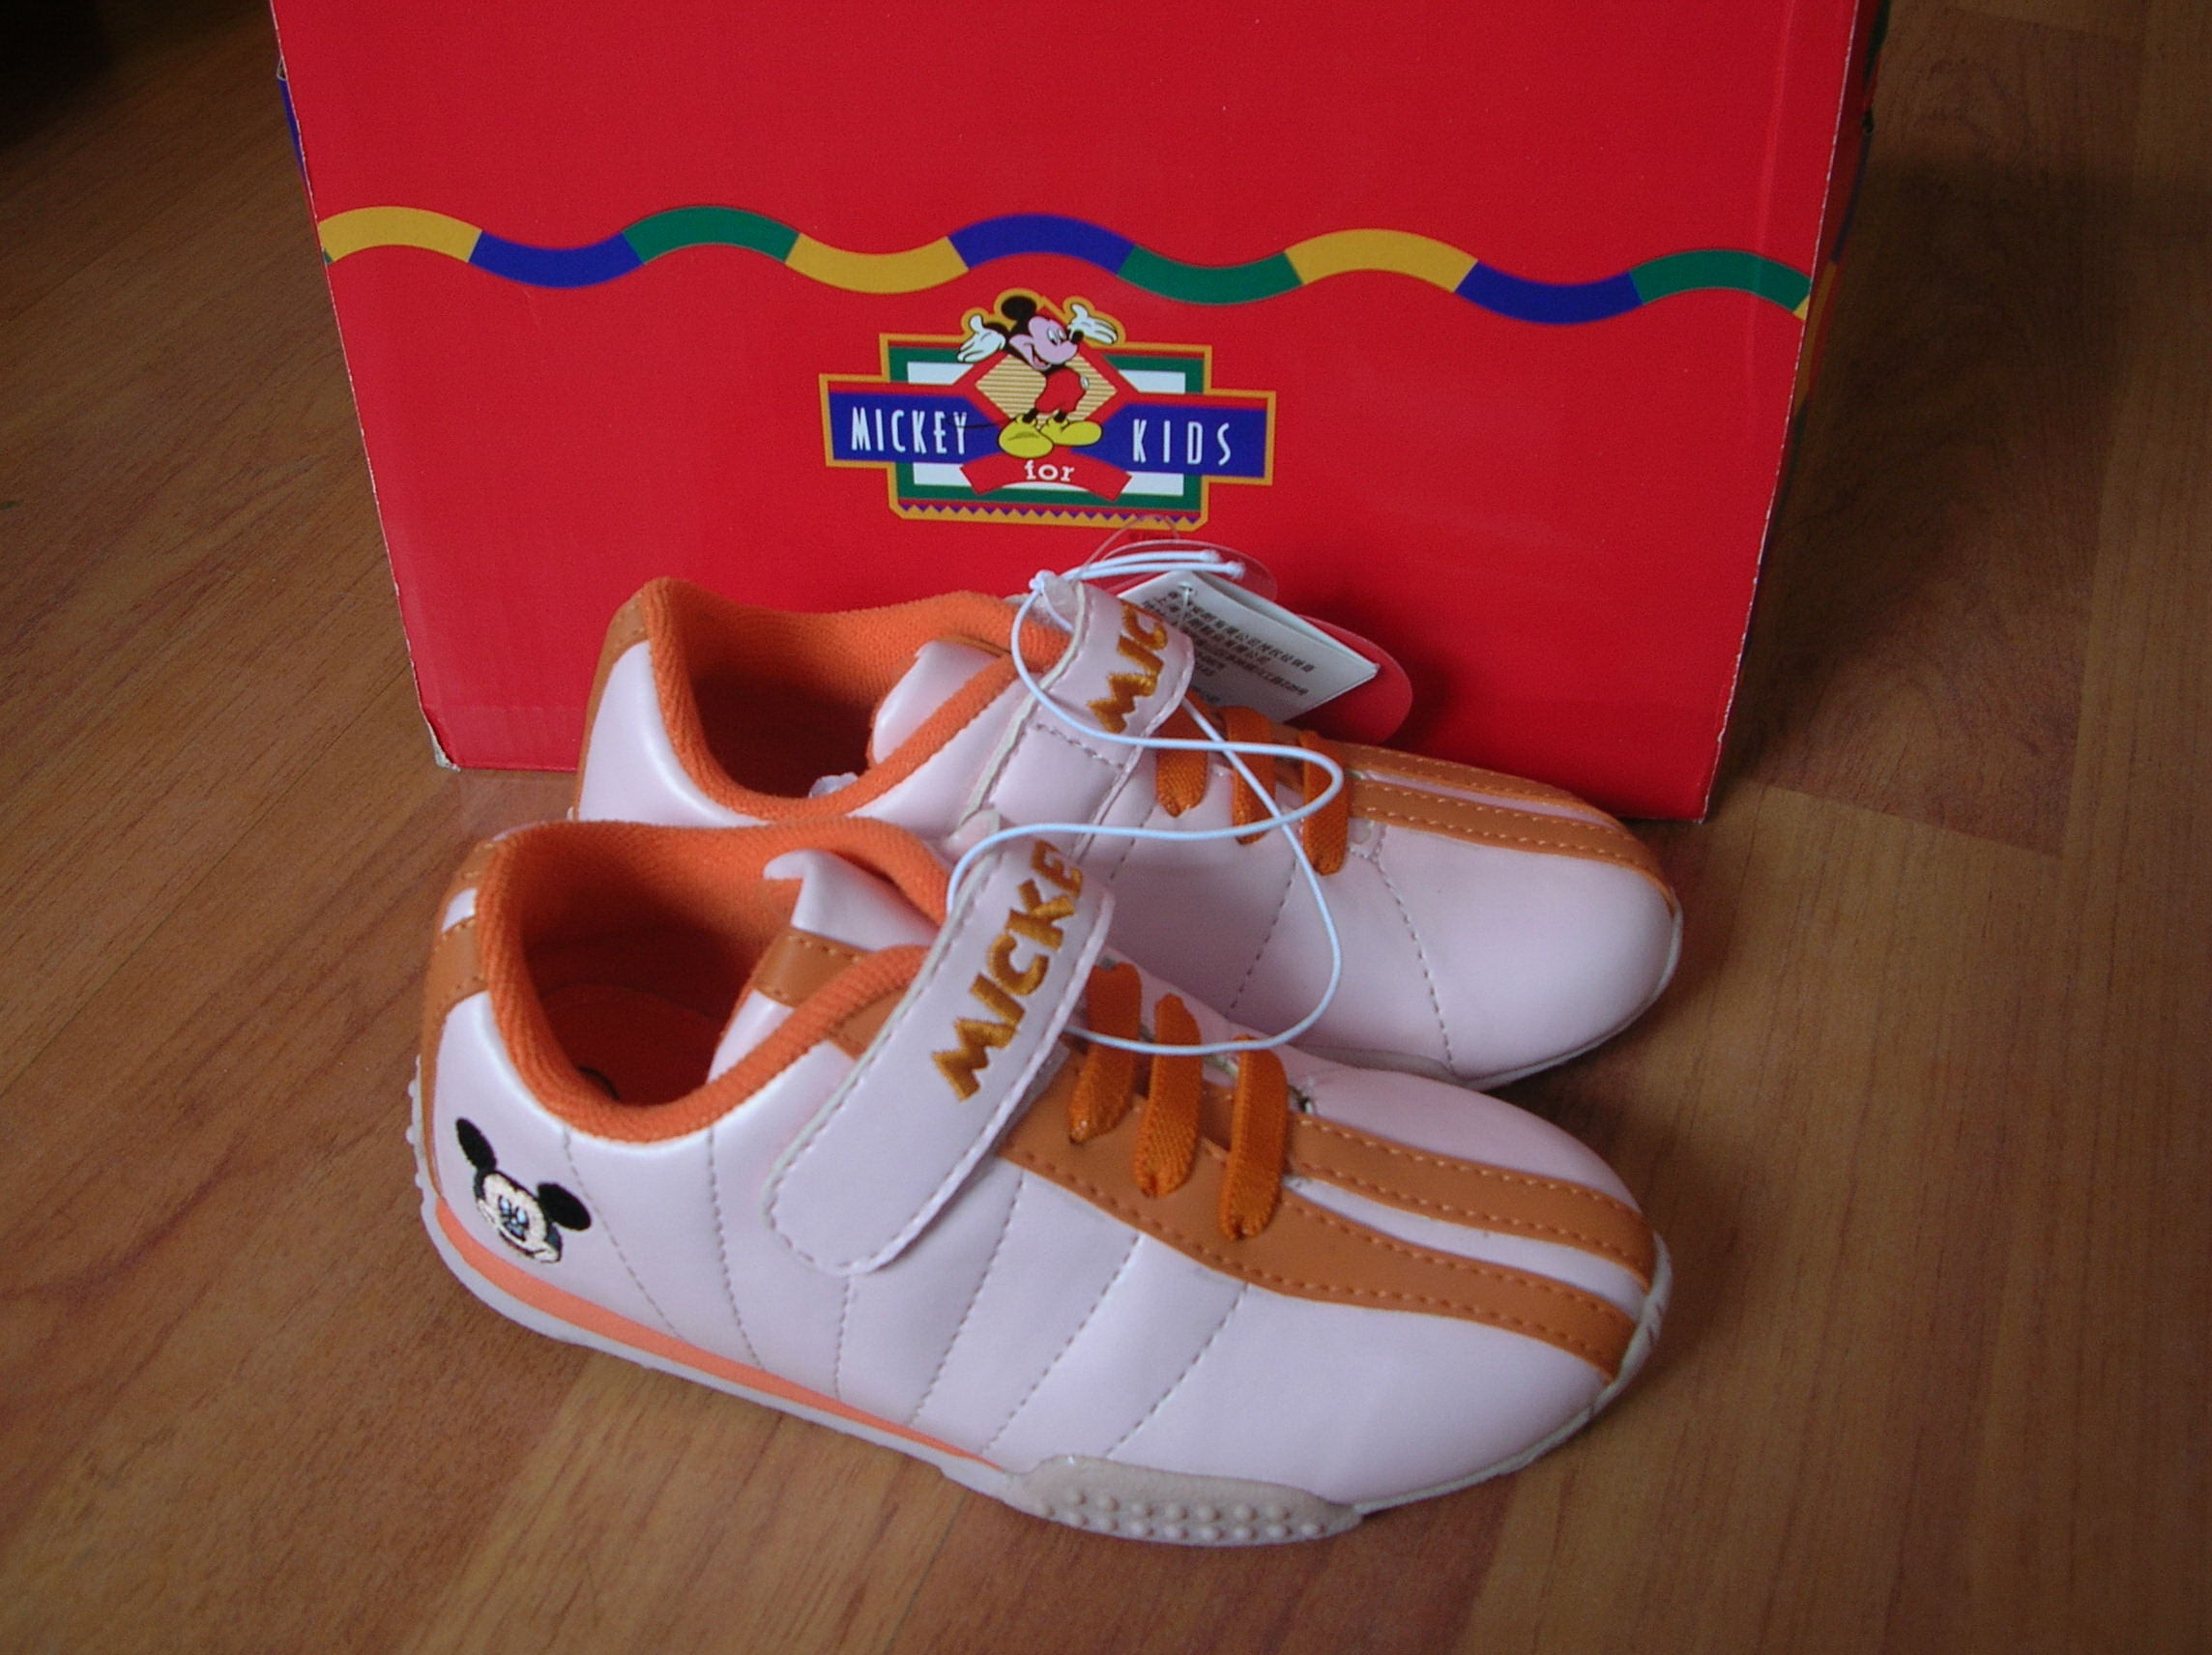 mouse米奇女童运动鞋